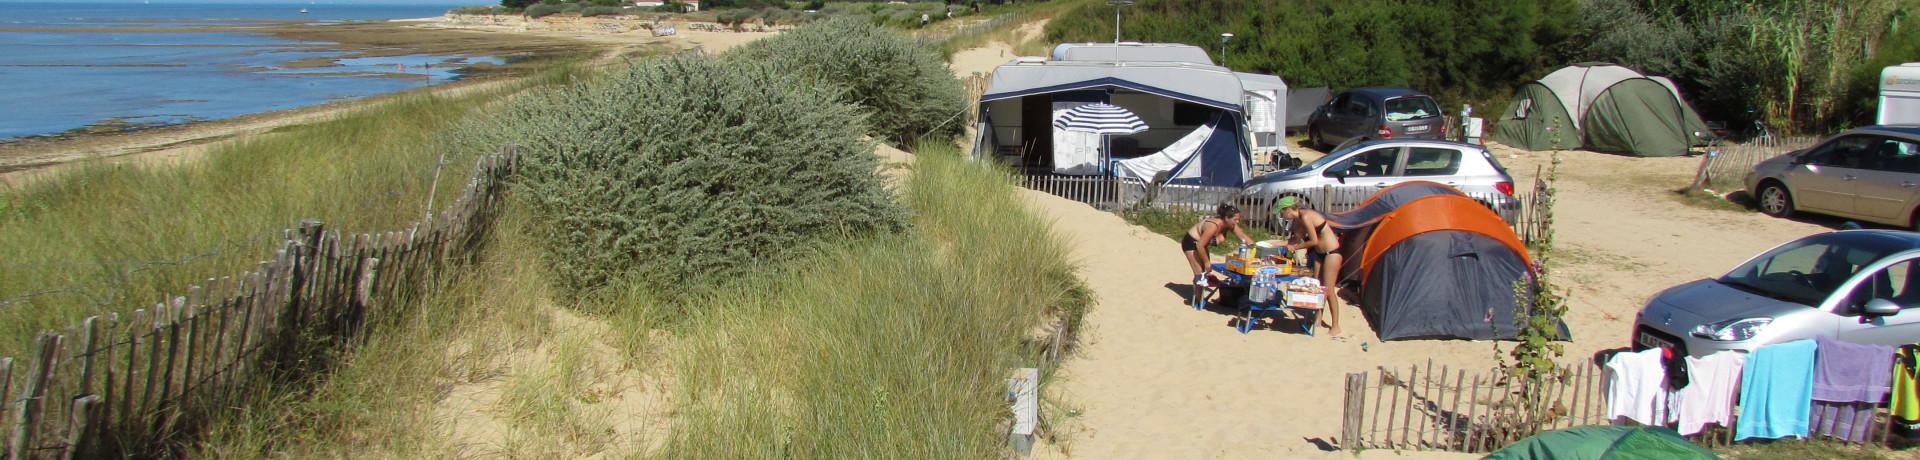 Camping Huttopia Côte Sauvage ligt op het zuidelijke deel van het schiereiland Île de Ré in de Atlantische Oceaan op 20 meter van het strand van Basse Benaie.